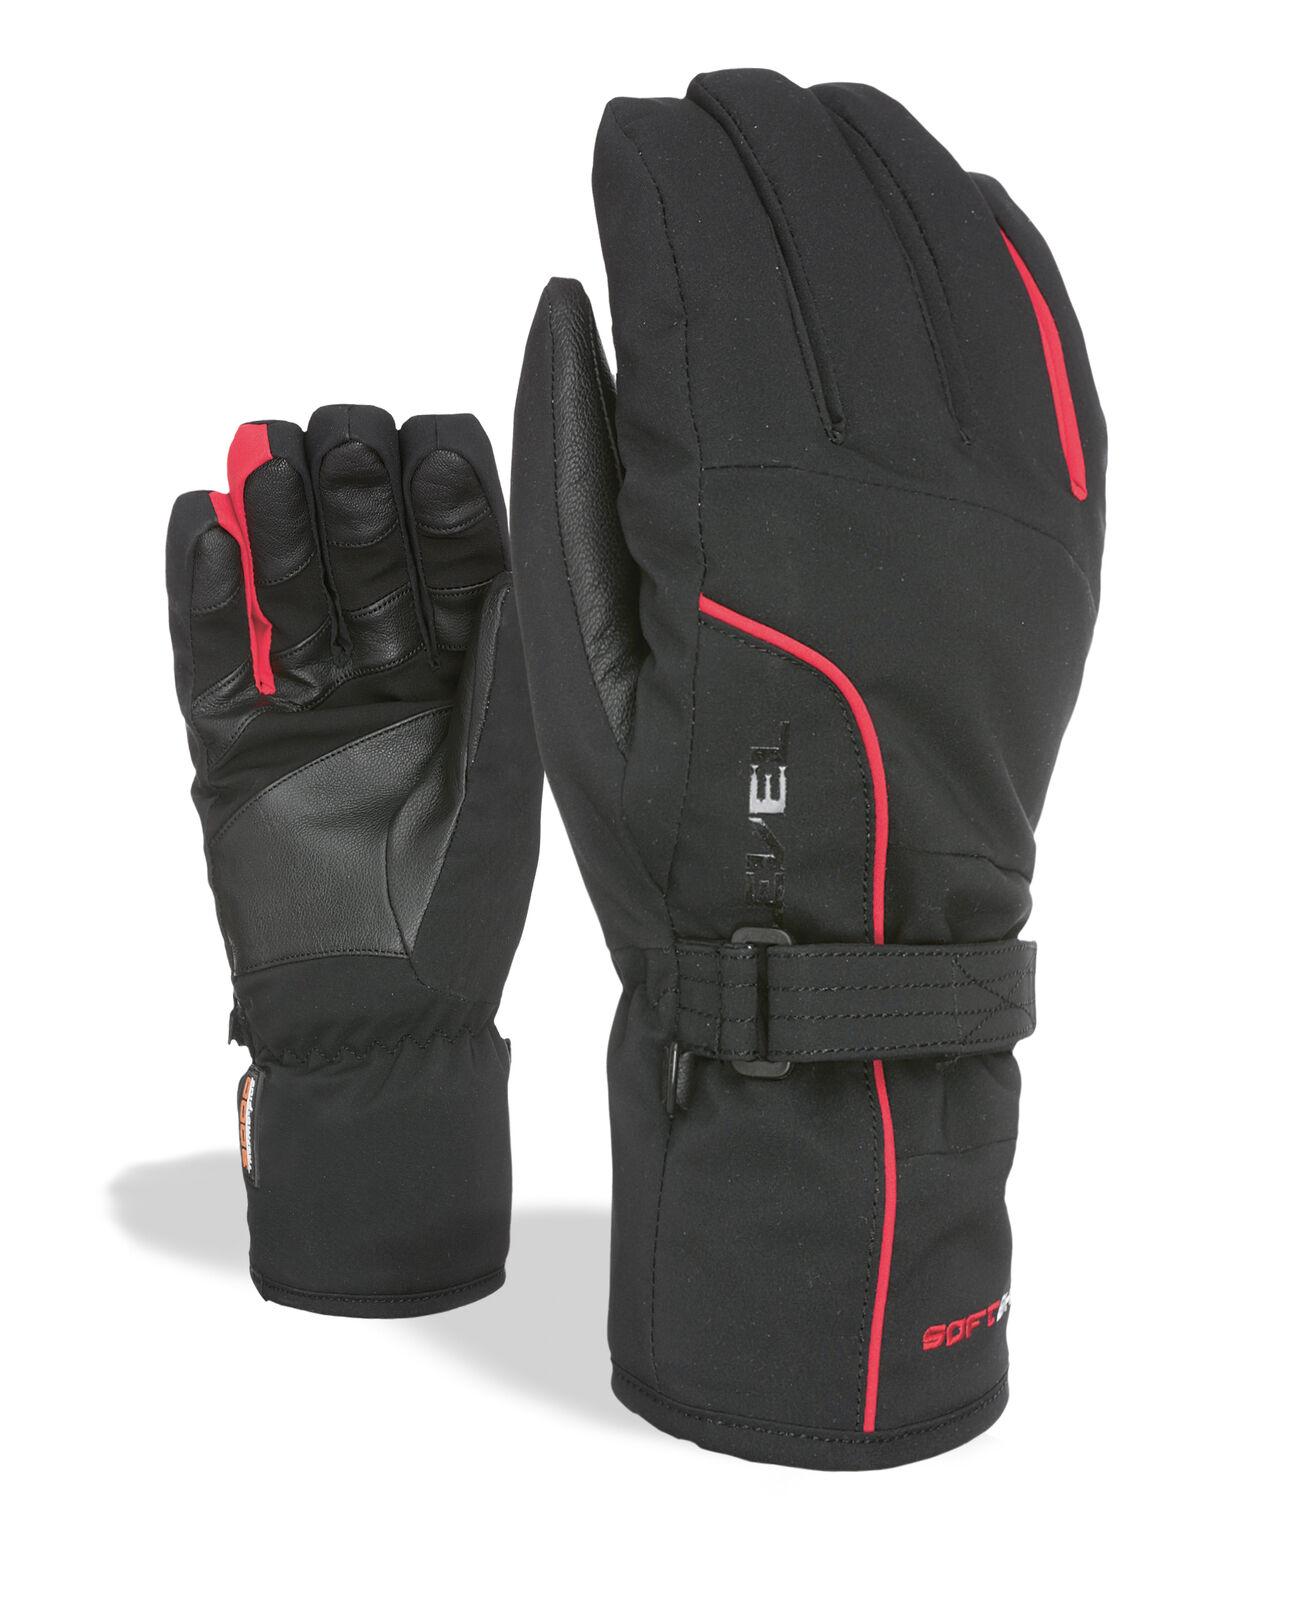 Level Handschuh  Action black wasserdicht atmungsaktiv elastisch